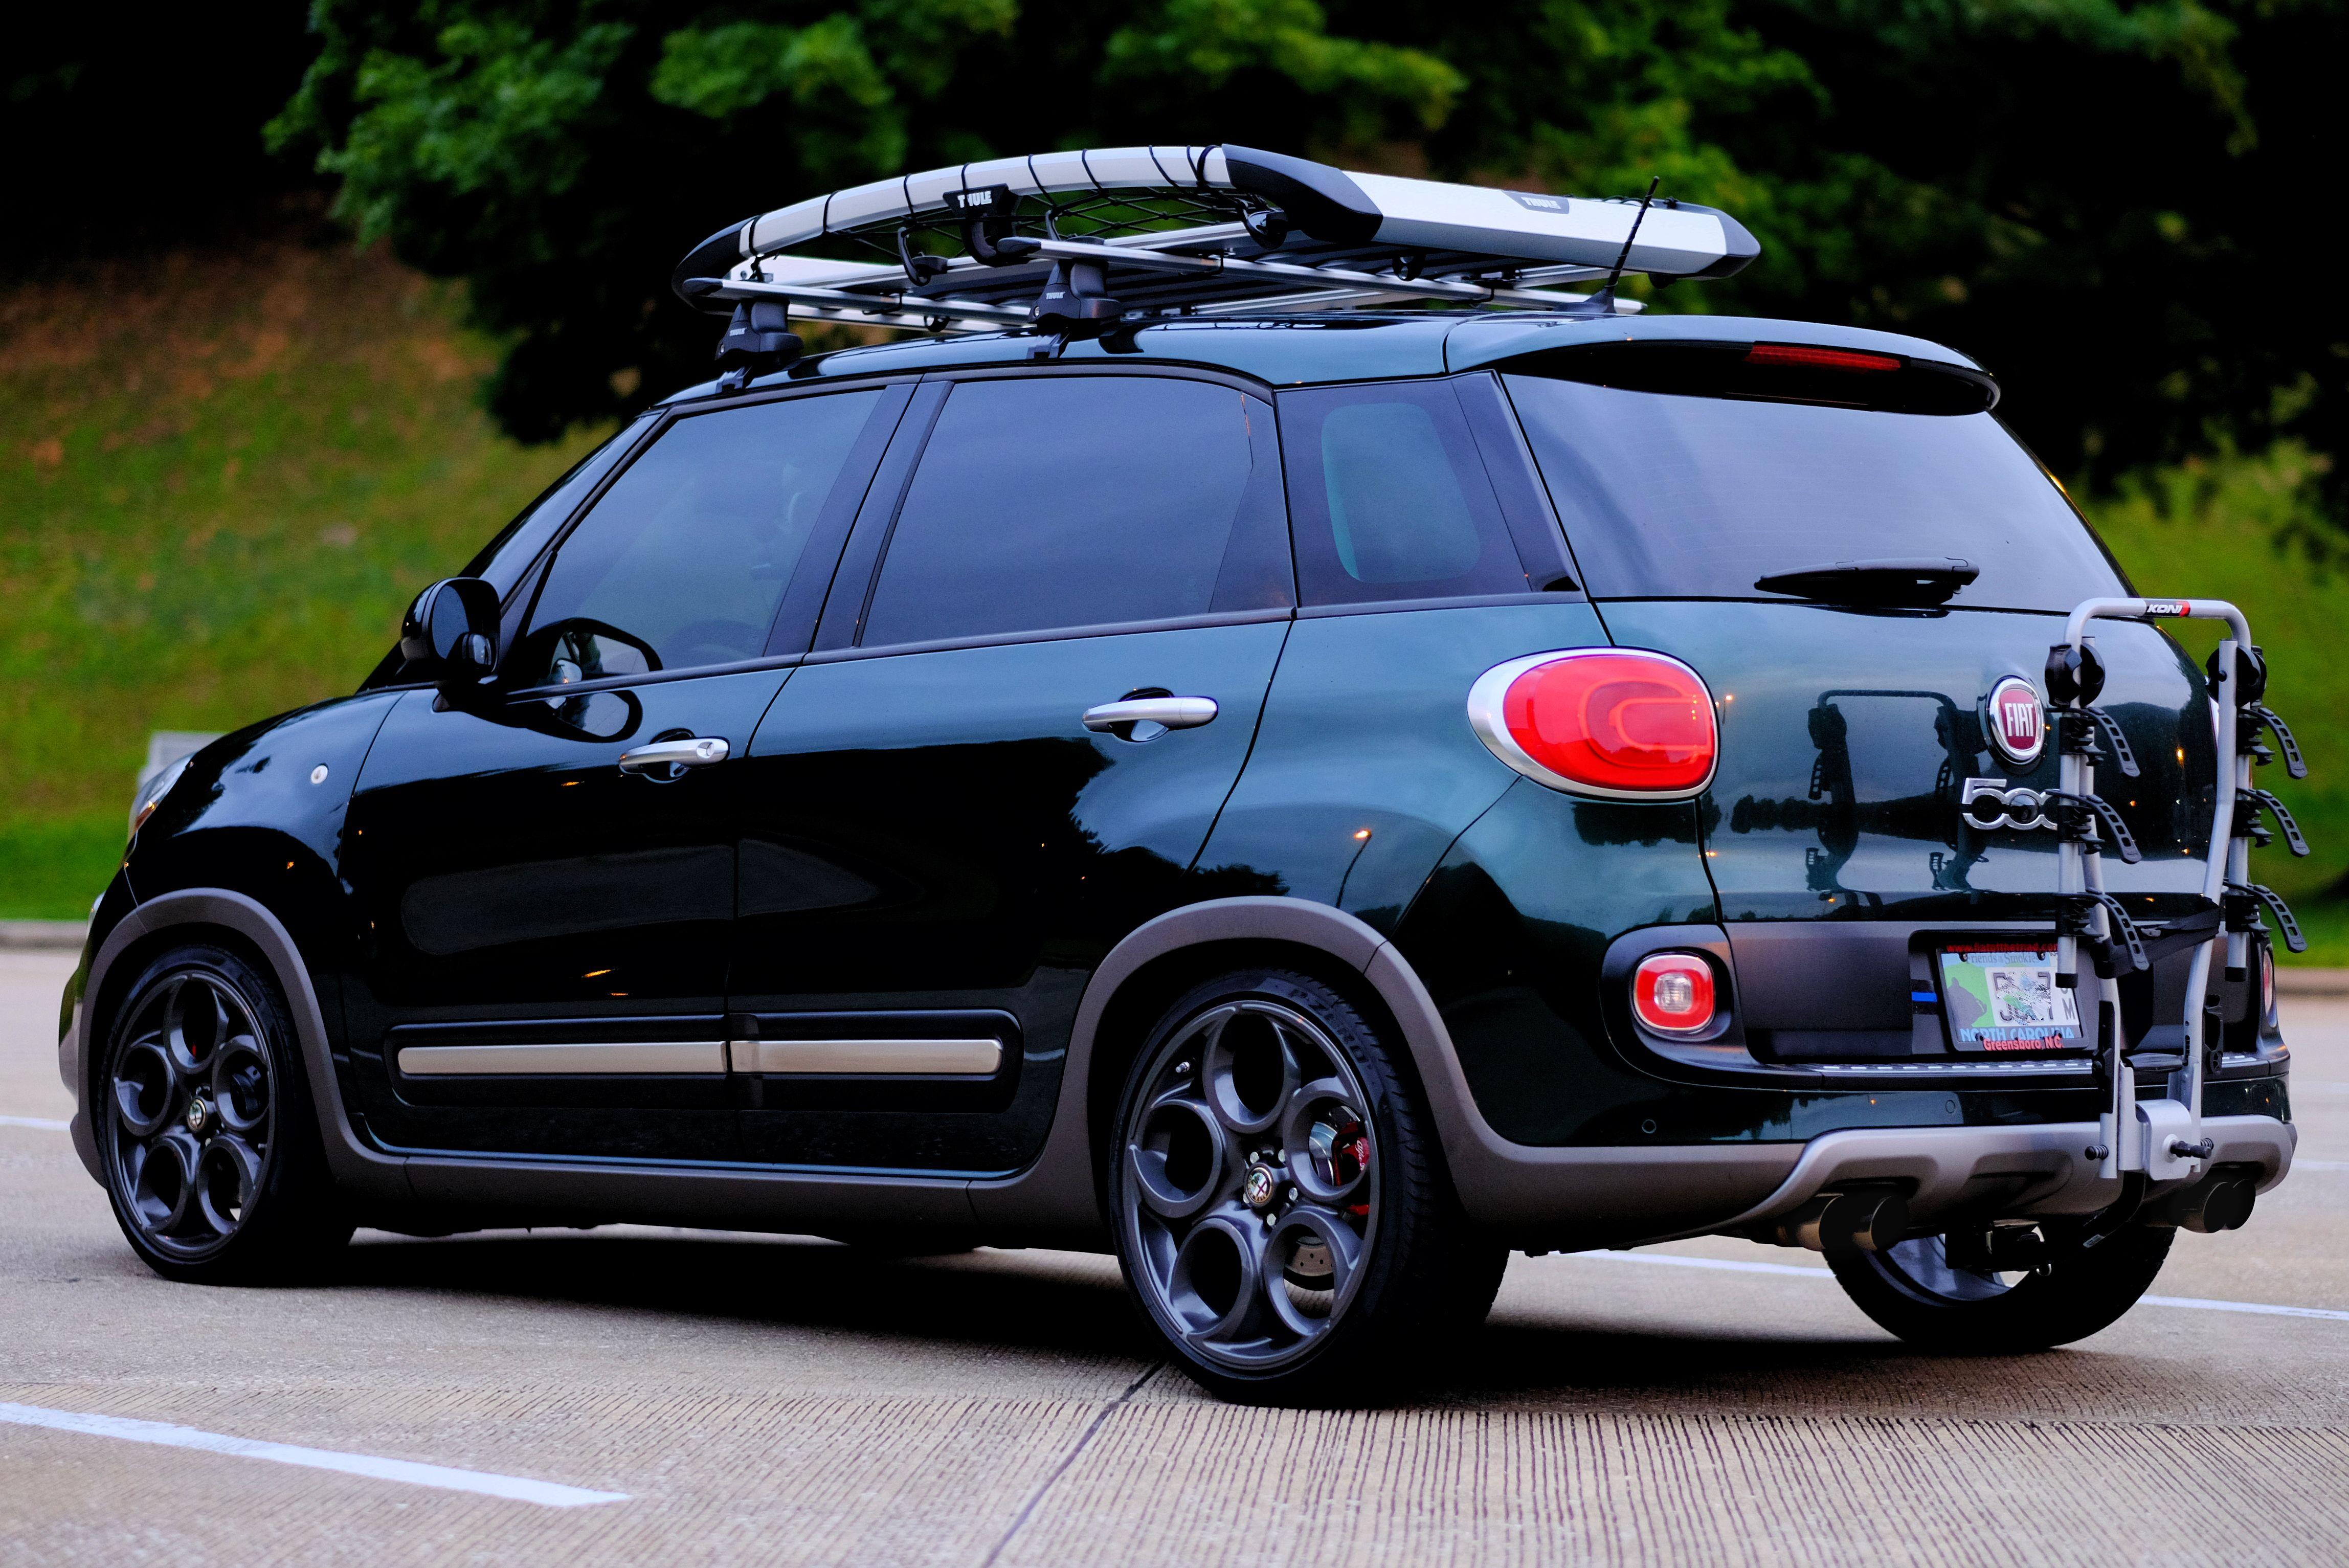 Fiat 500l Trekking With Images Fiat 500l Fiat 500 Fiat